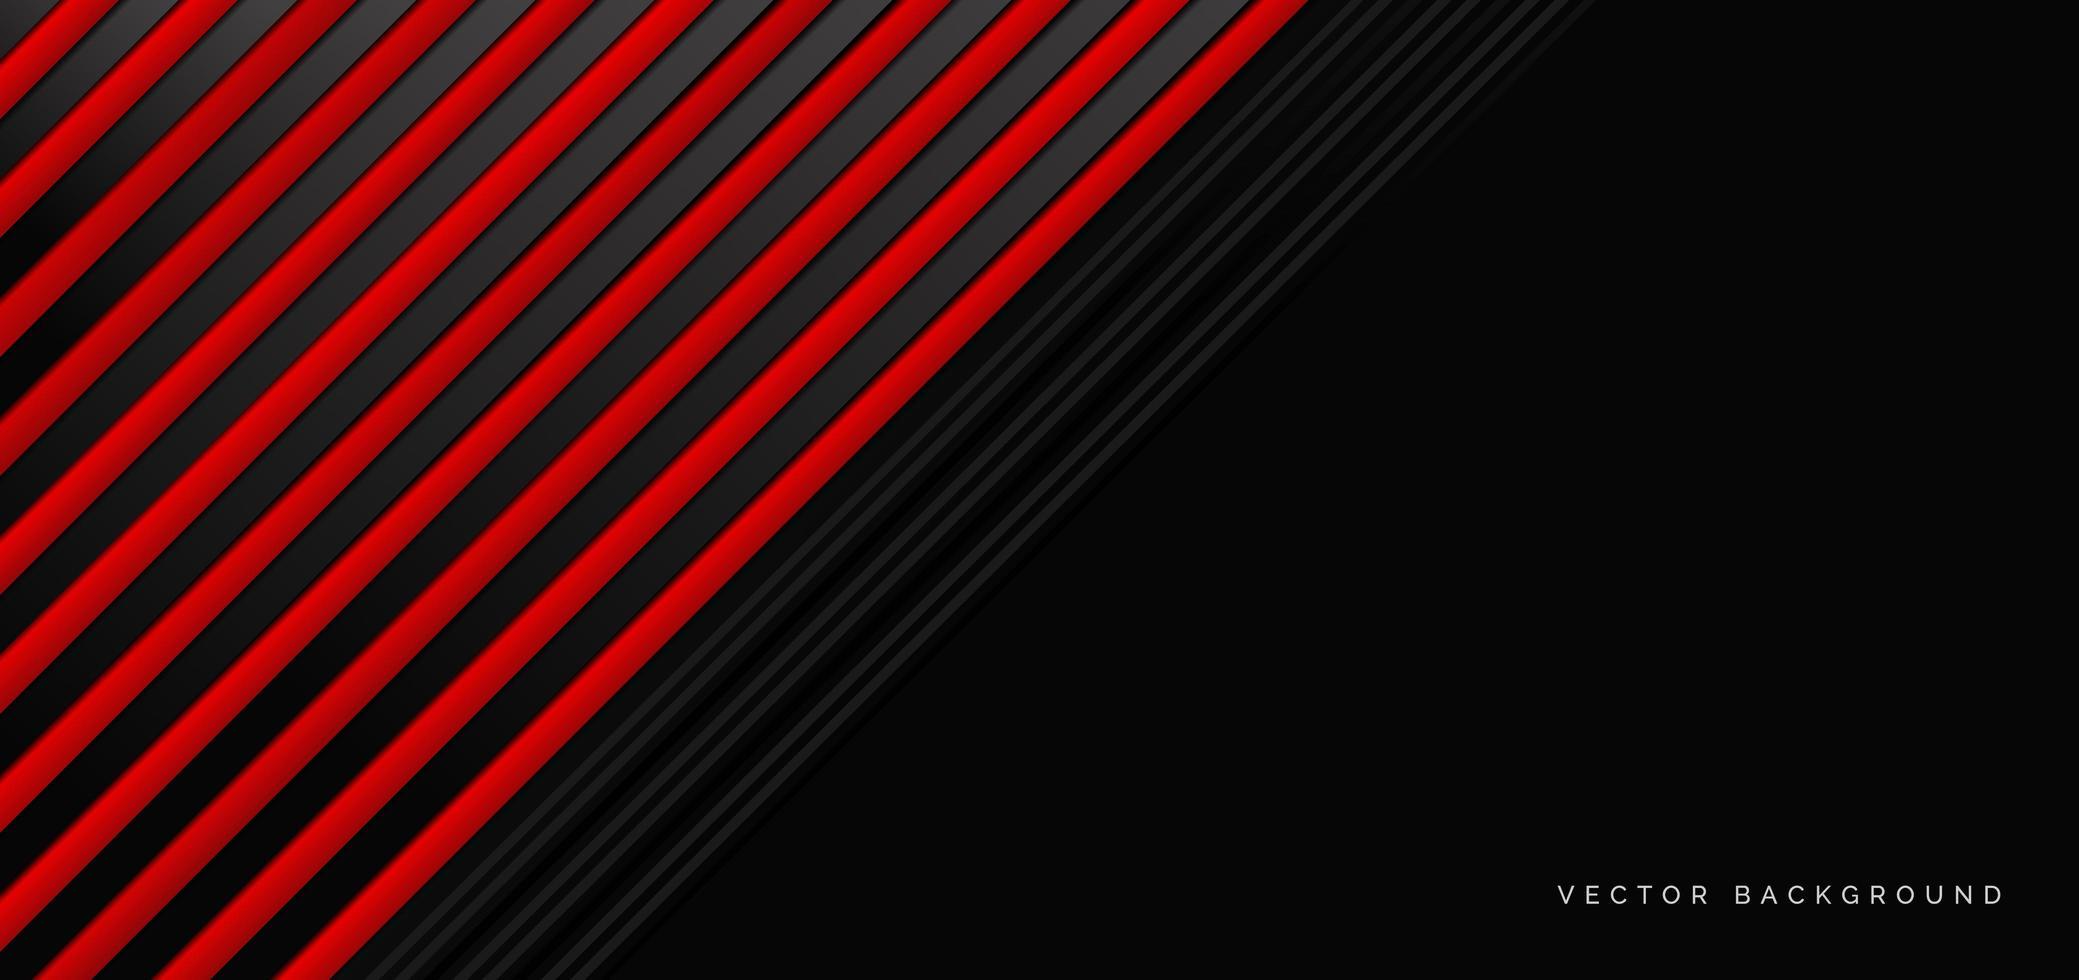 abstracte banner met rode en zwarte geometrische elementen vector